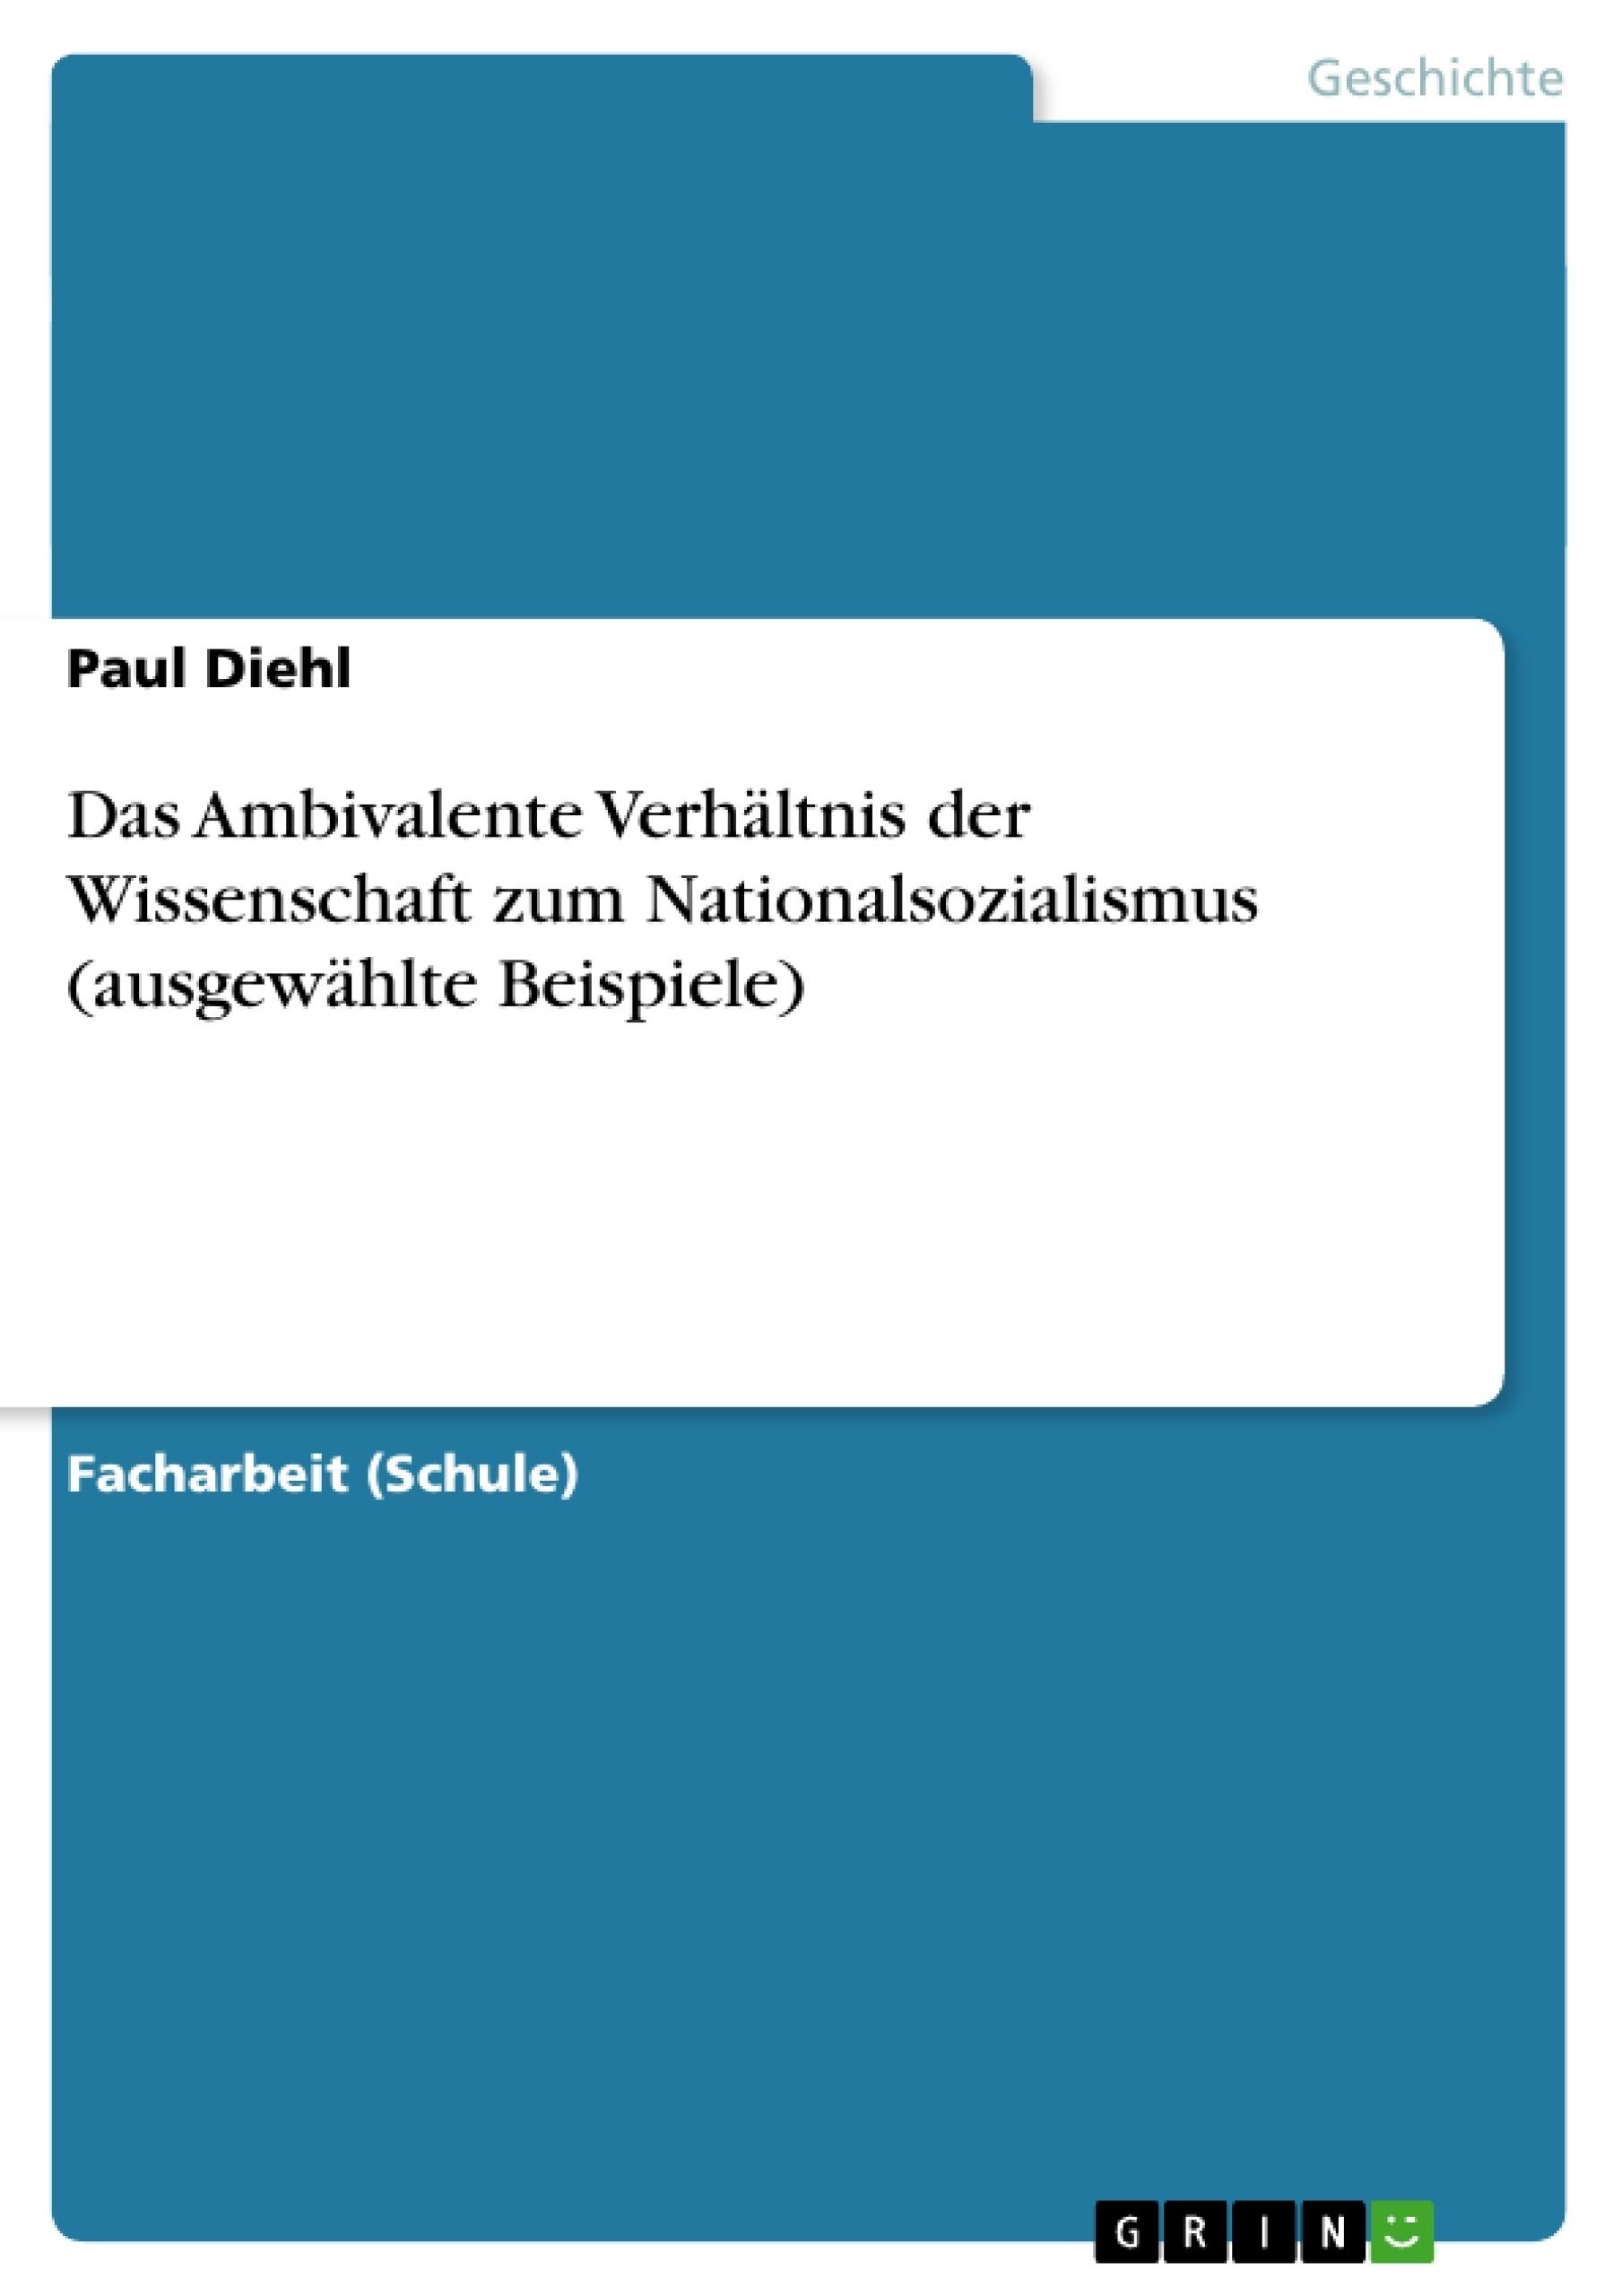 Titel: Das Ambivalente Verhältnis der Wissenschaft zum Nationalsozialismus (ausgewählte Beispiele)